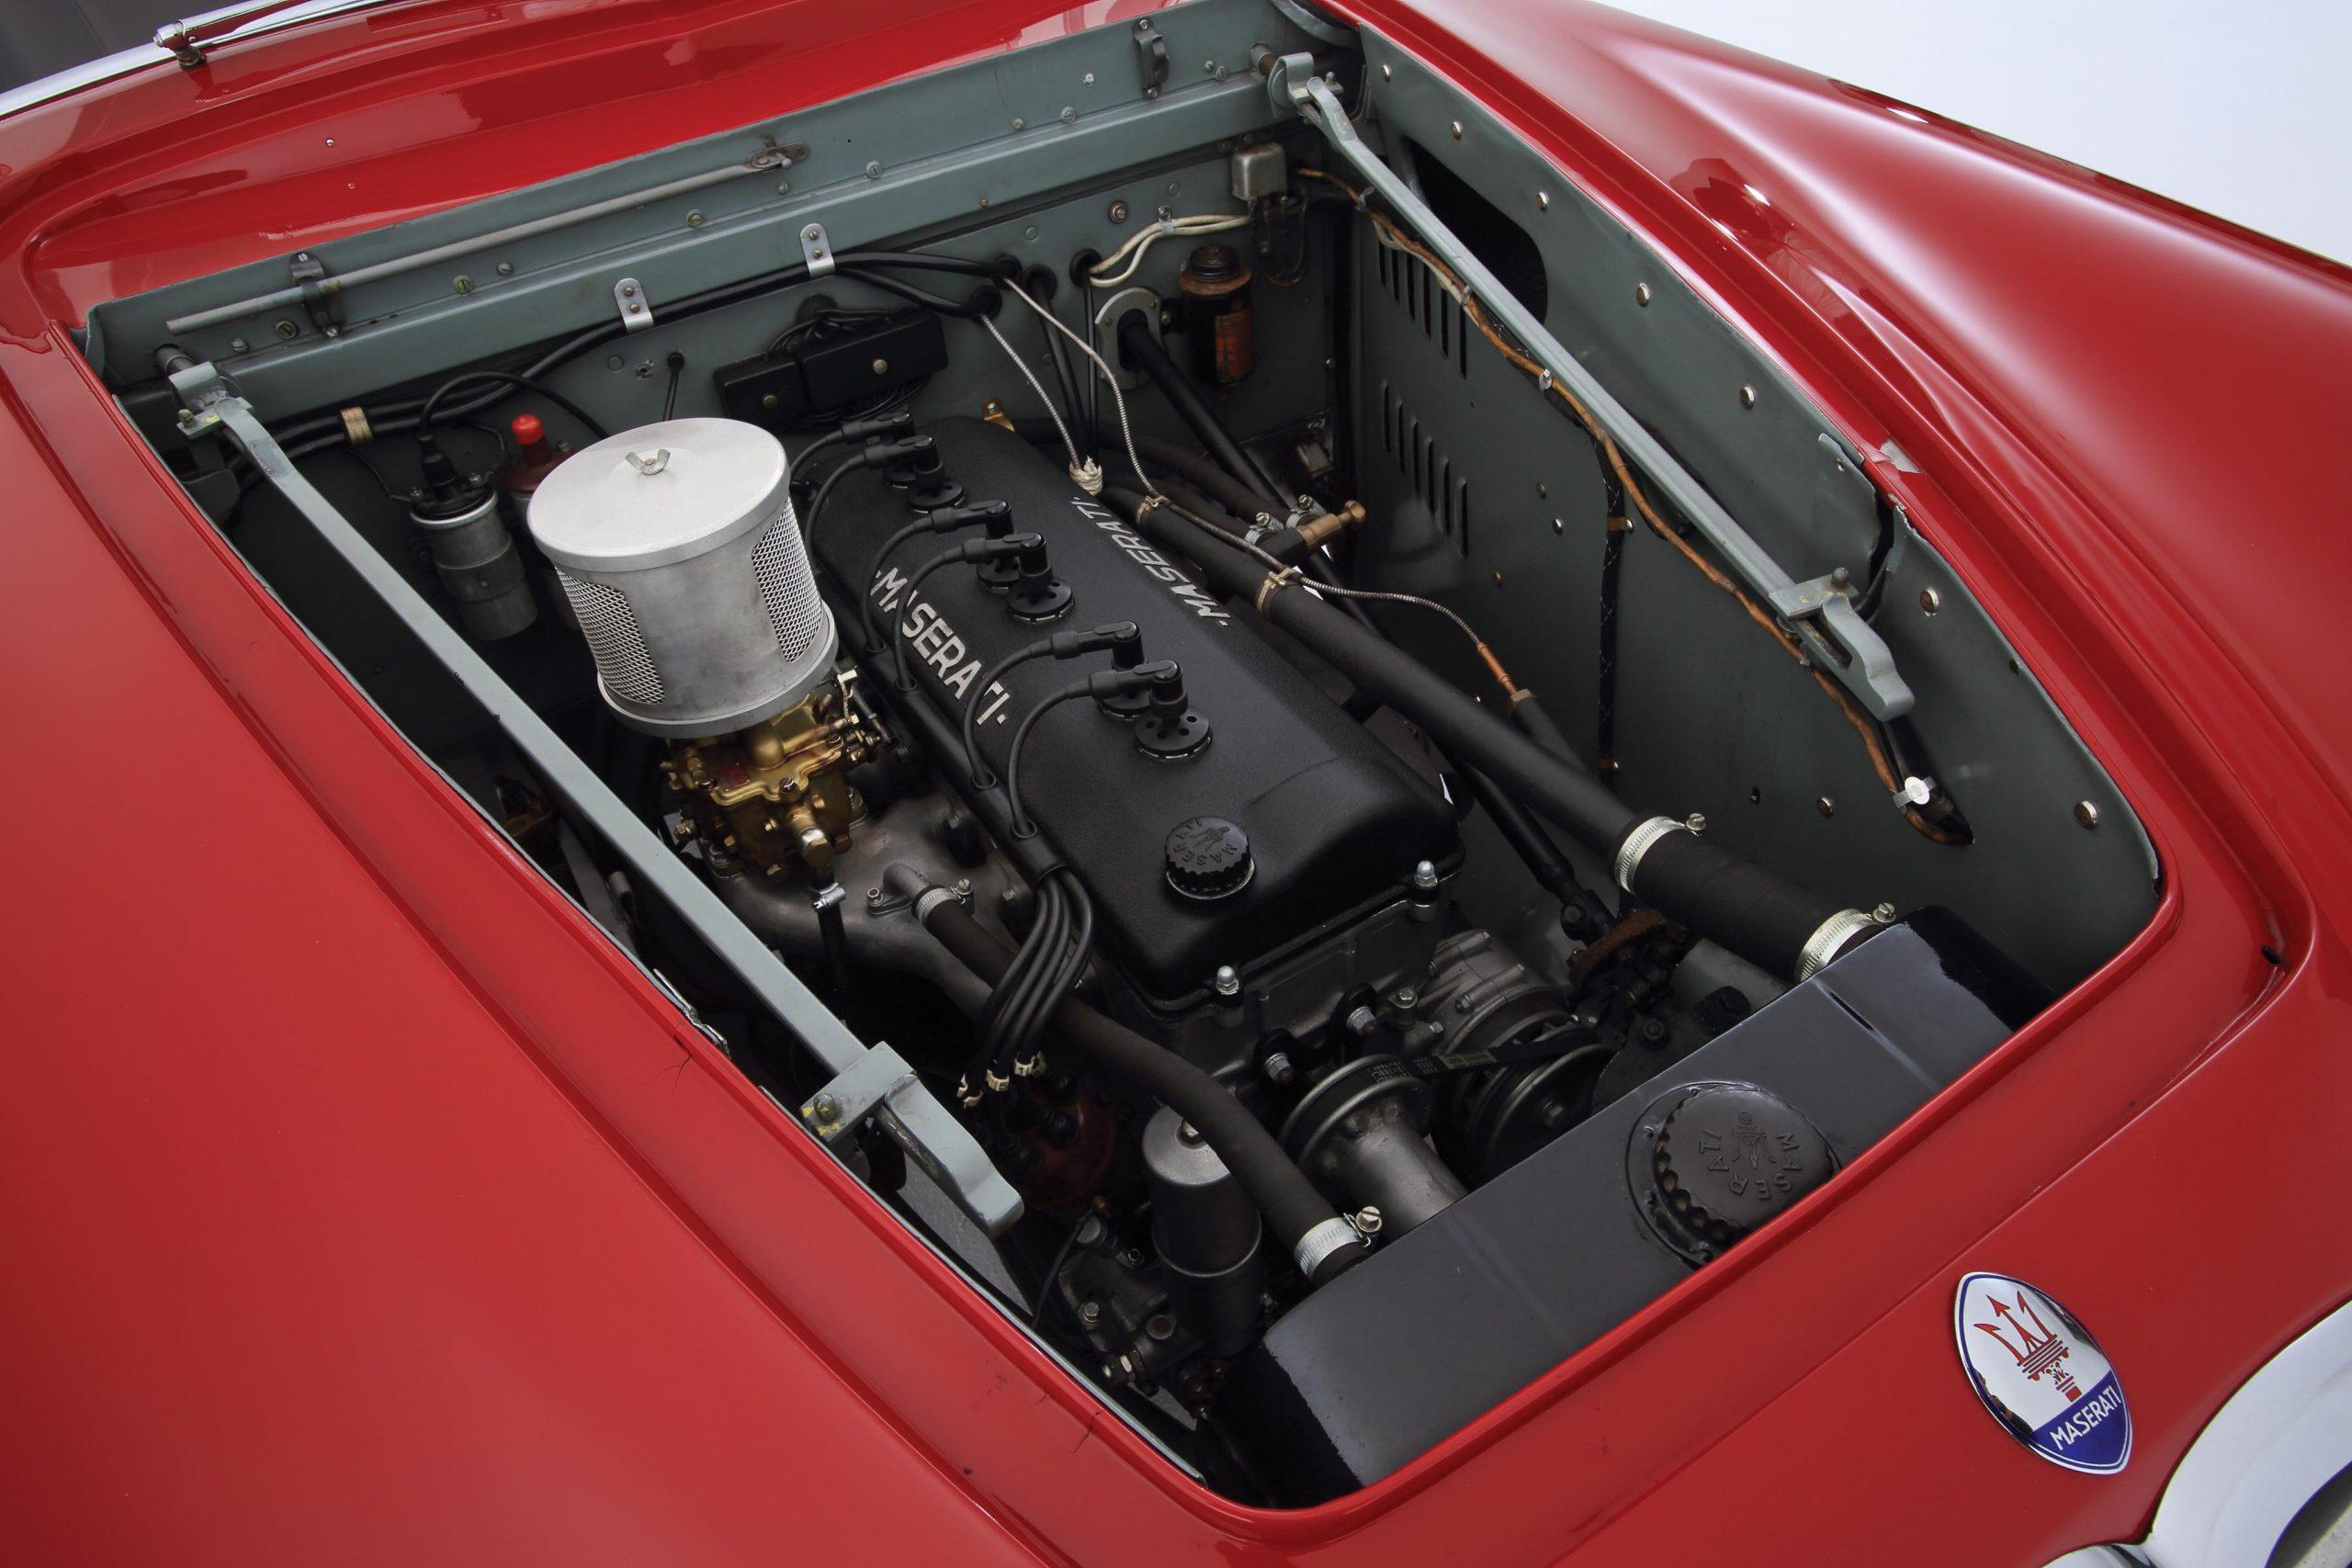 1950 Maserati A6G engine